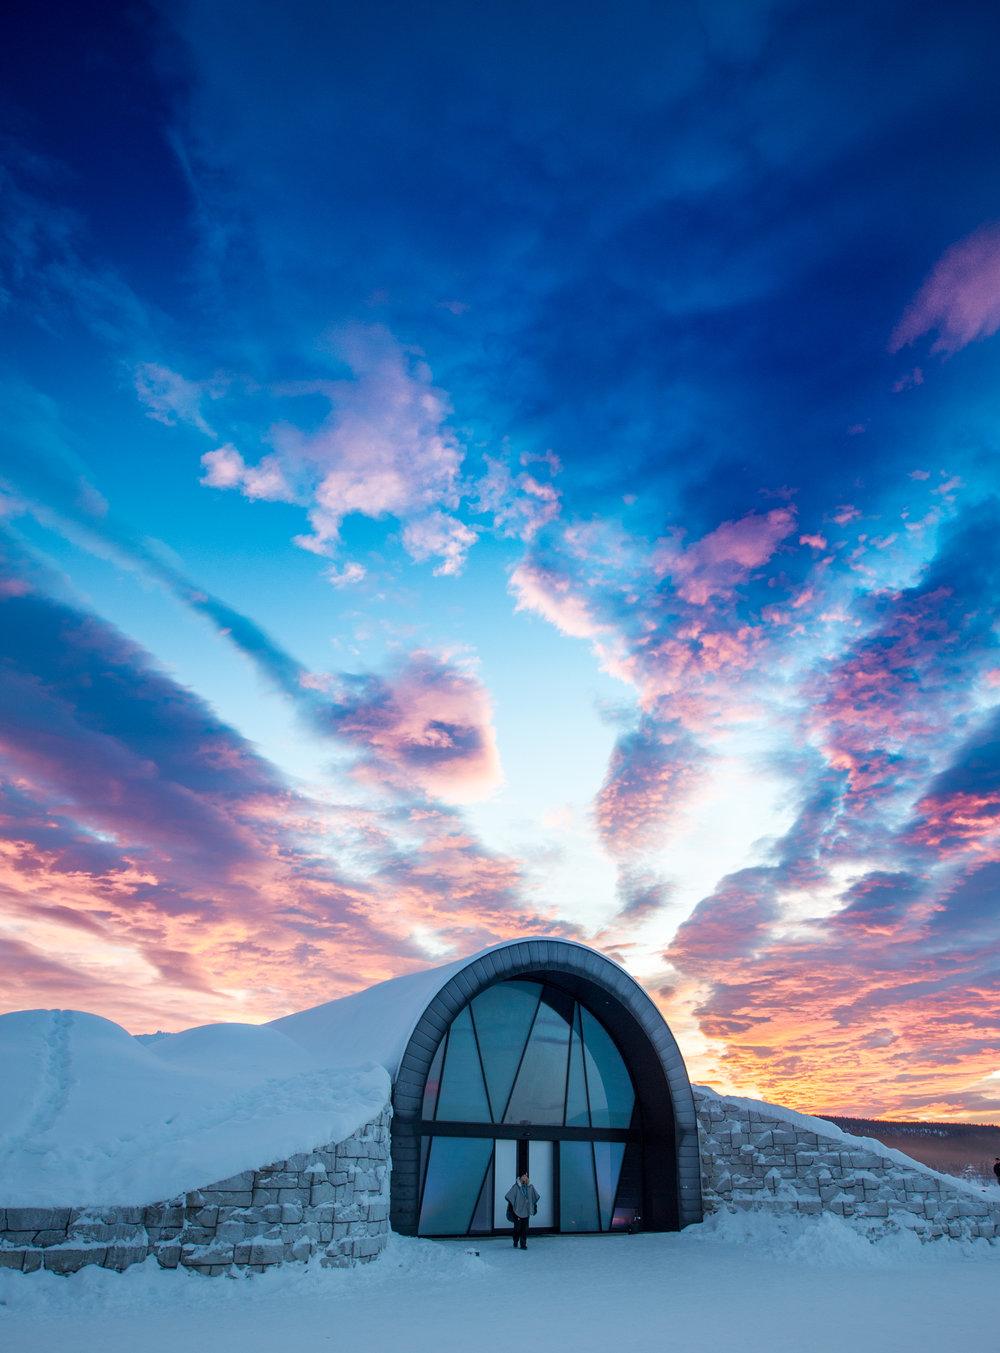 icehotel-365-open-year-round.jpg